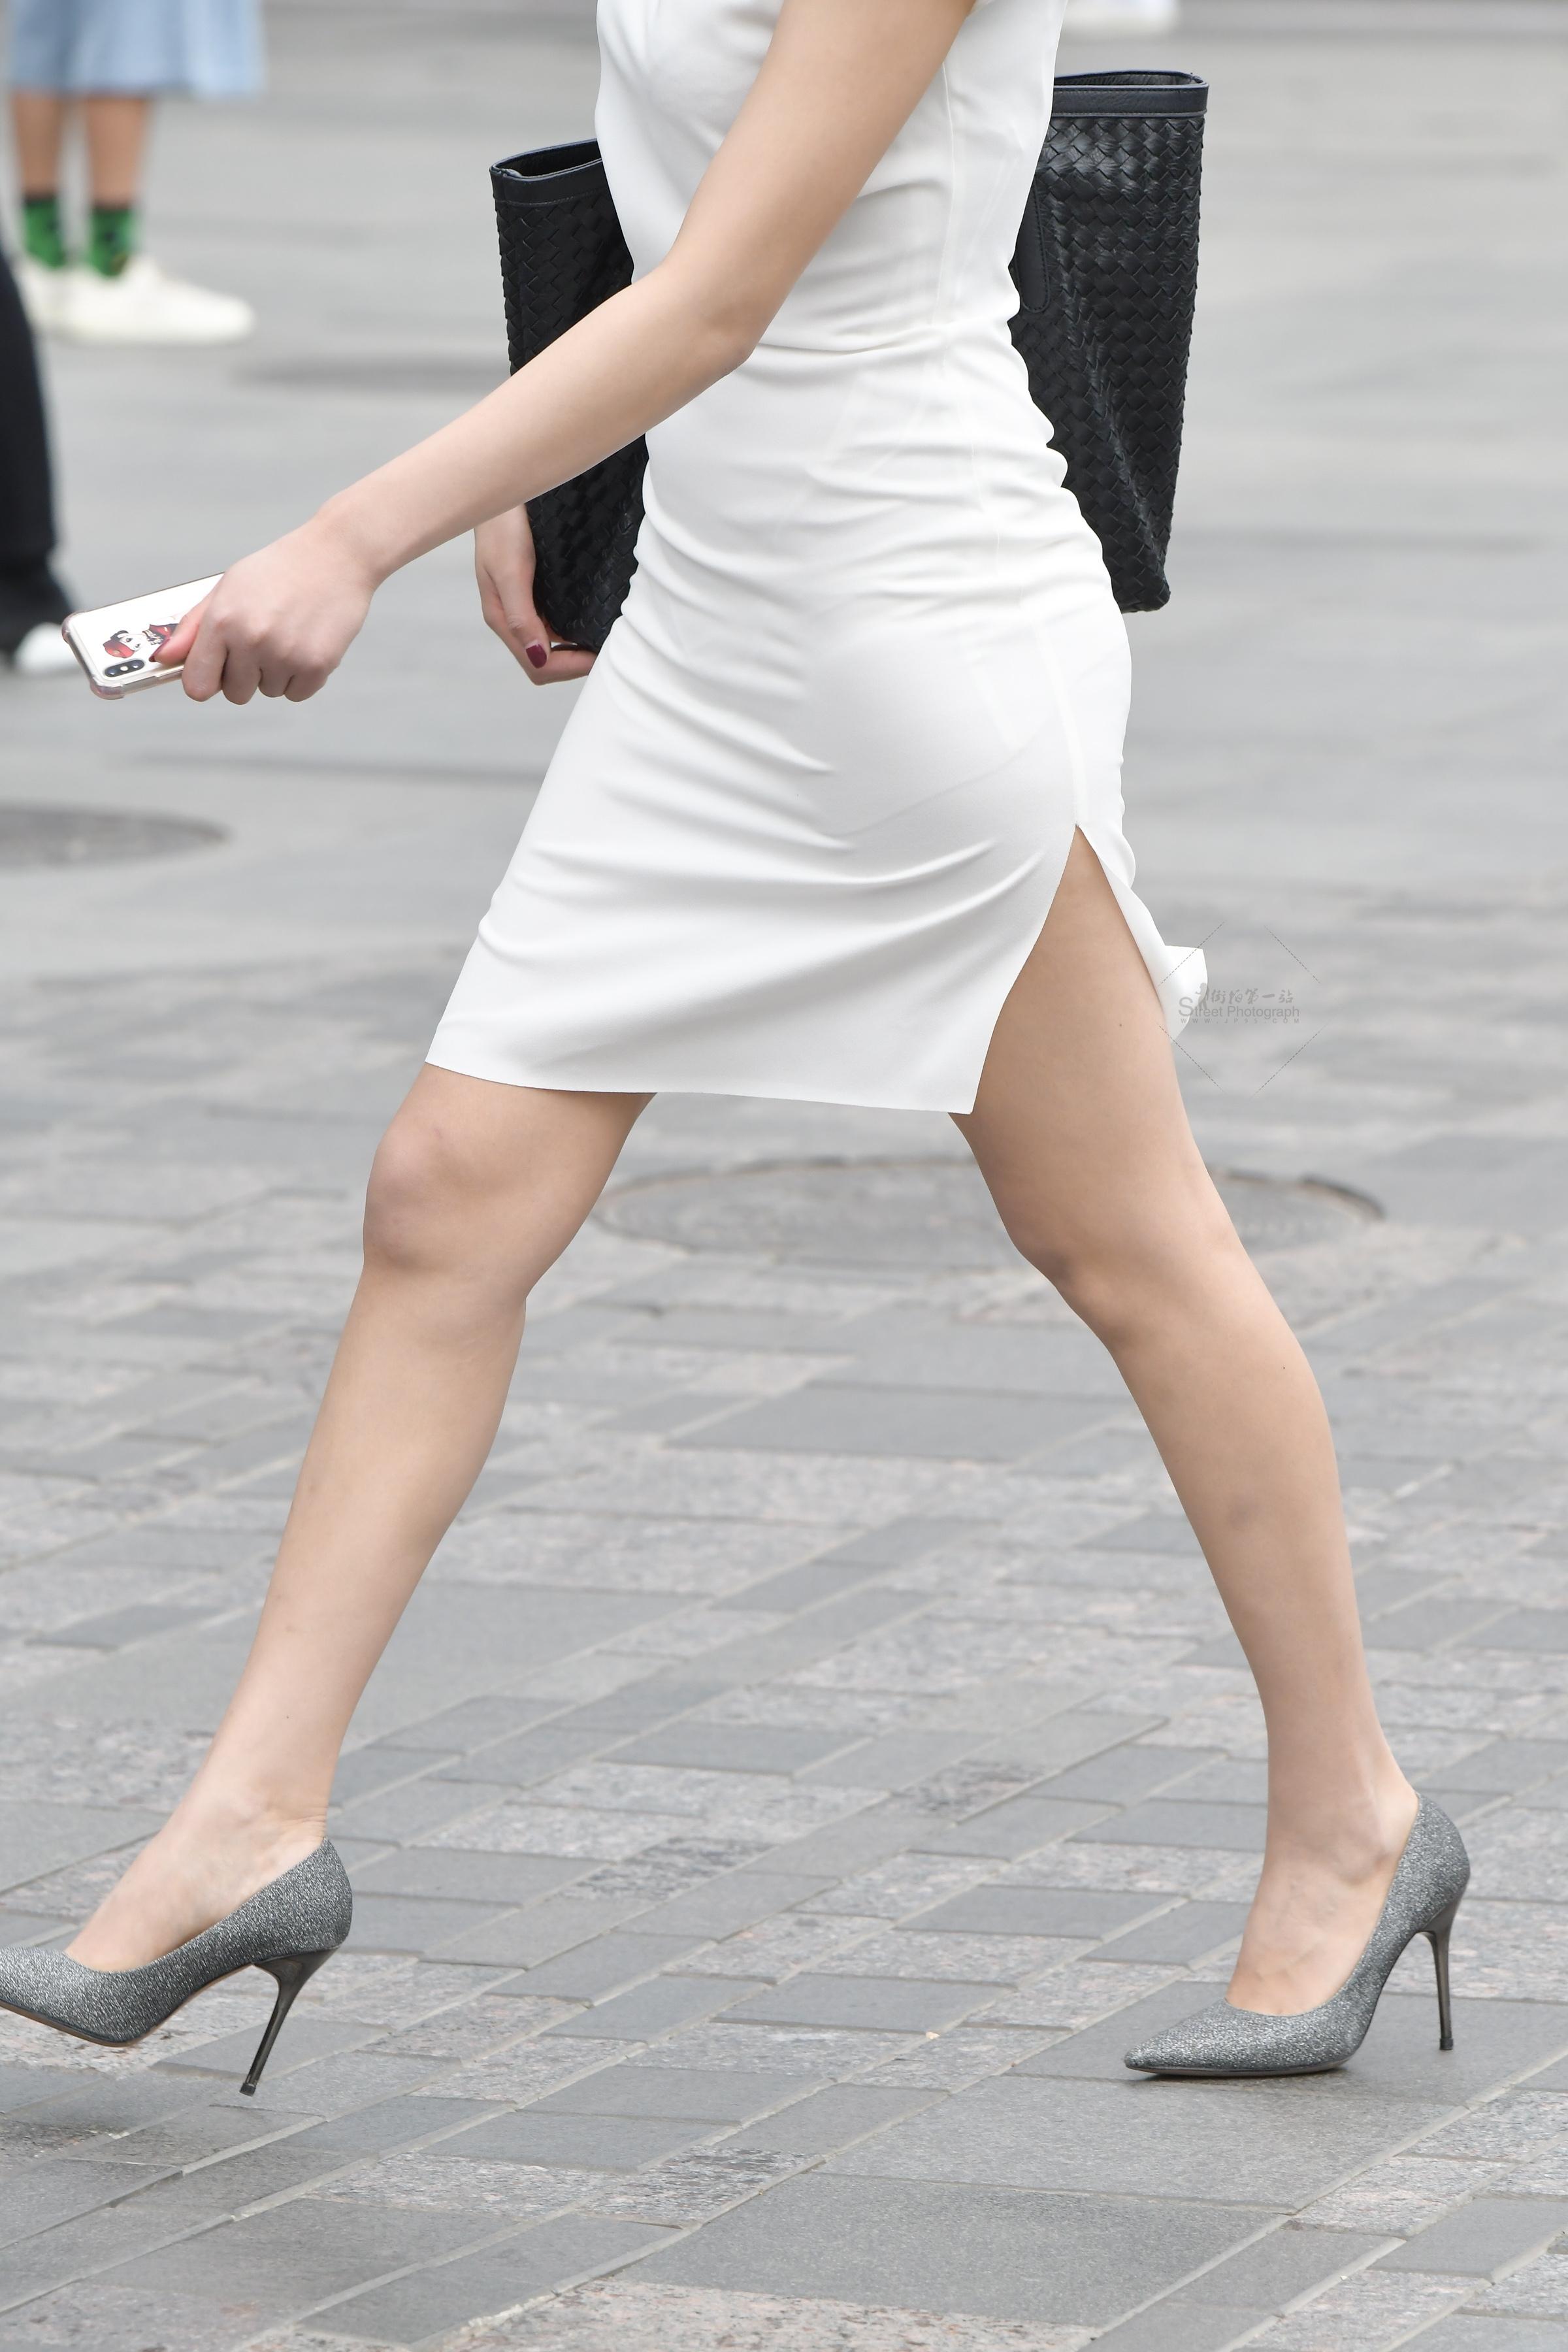 街拍高跟,街拍美女,街拍包臀,街拍包臀裙 白色开叉包臀裙 高跟荷叶边无痕内美女 最新街拍丝袜图片 街拍丝袜第一站